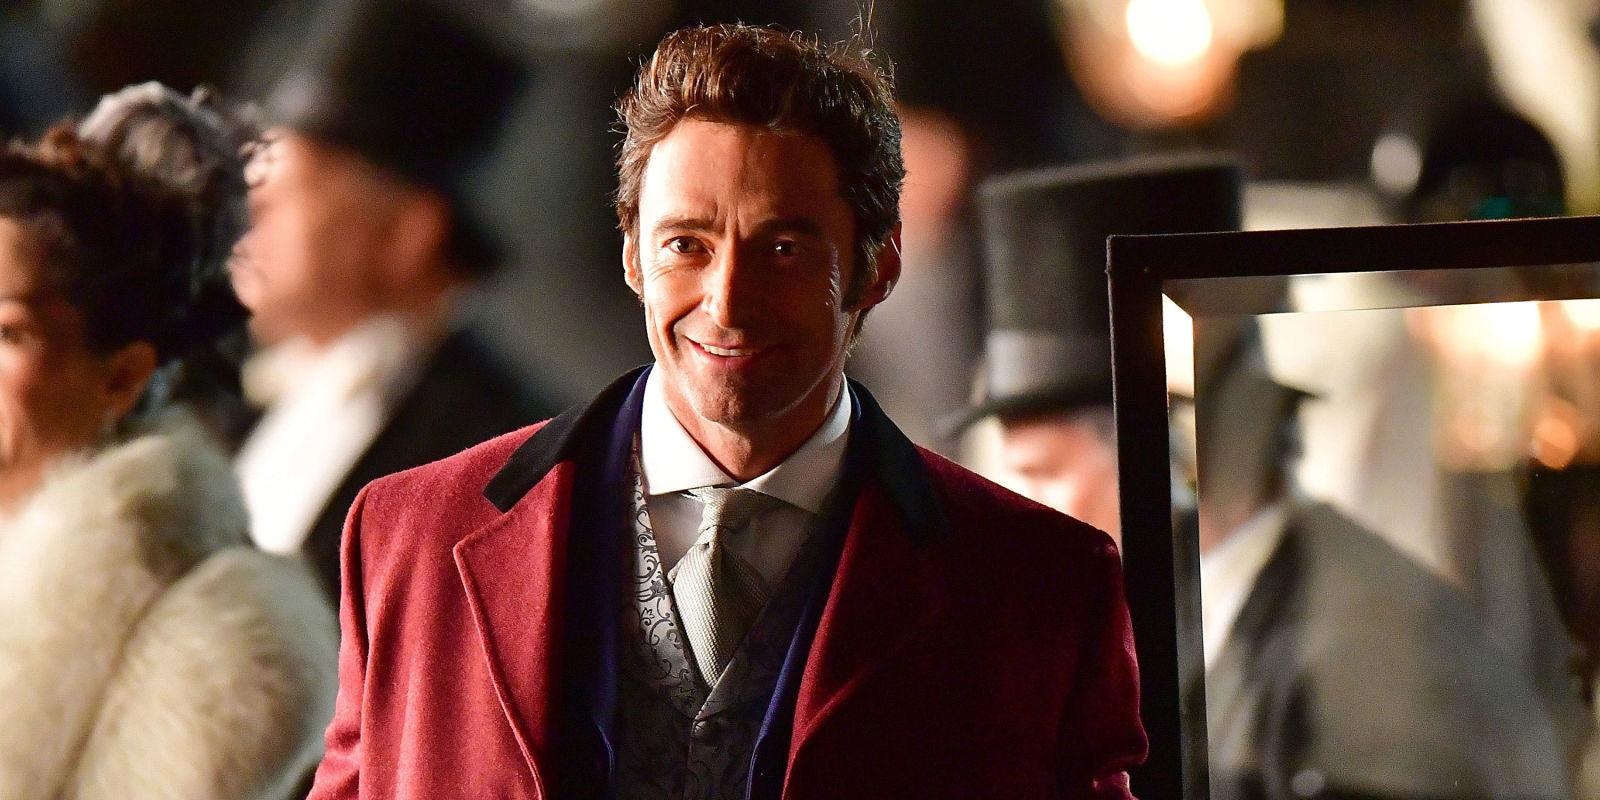 """""""O Rei do Show"""" ganha primeiro e encantador trailer com Hugh Jackman, Zendaya e Zac Efron; vem ver!"""